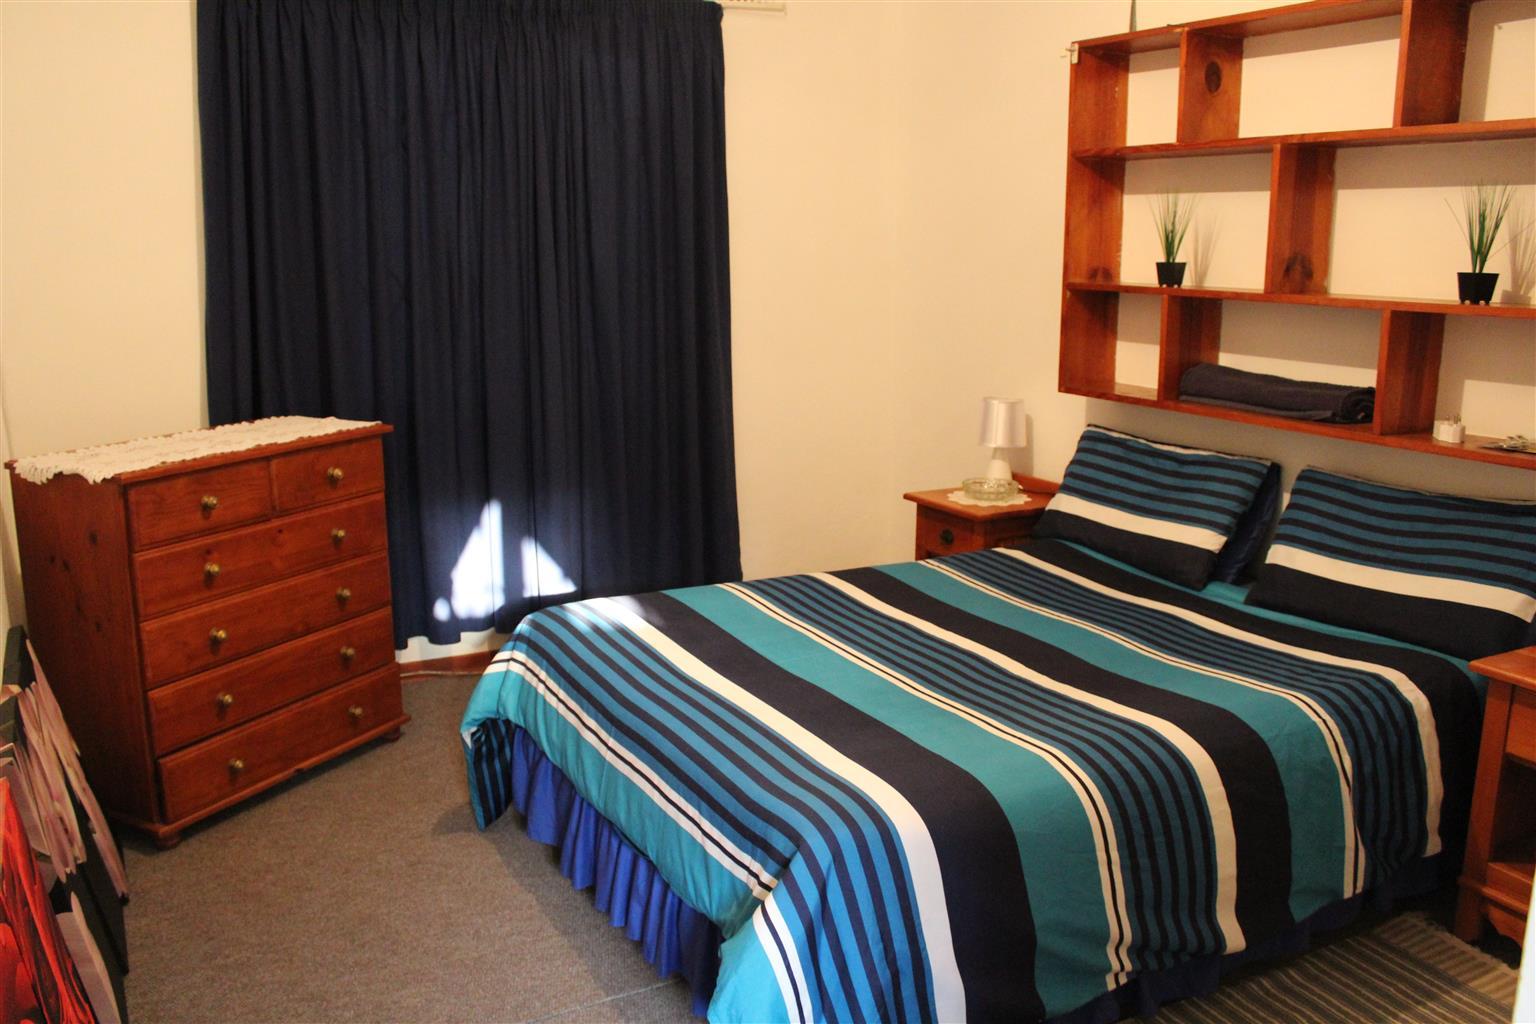 2 Bedroom Furnished Cottage